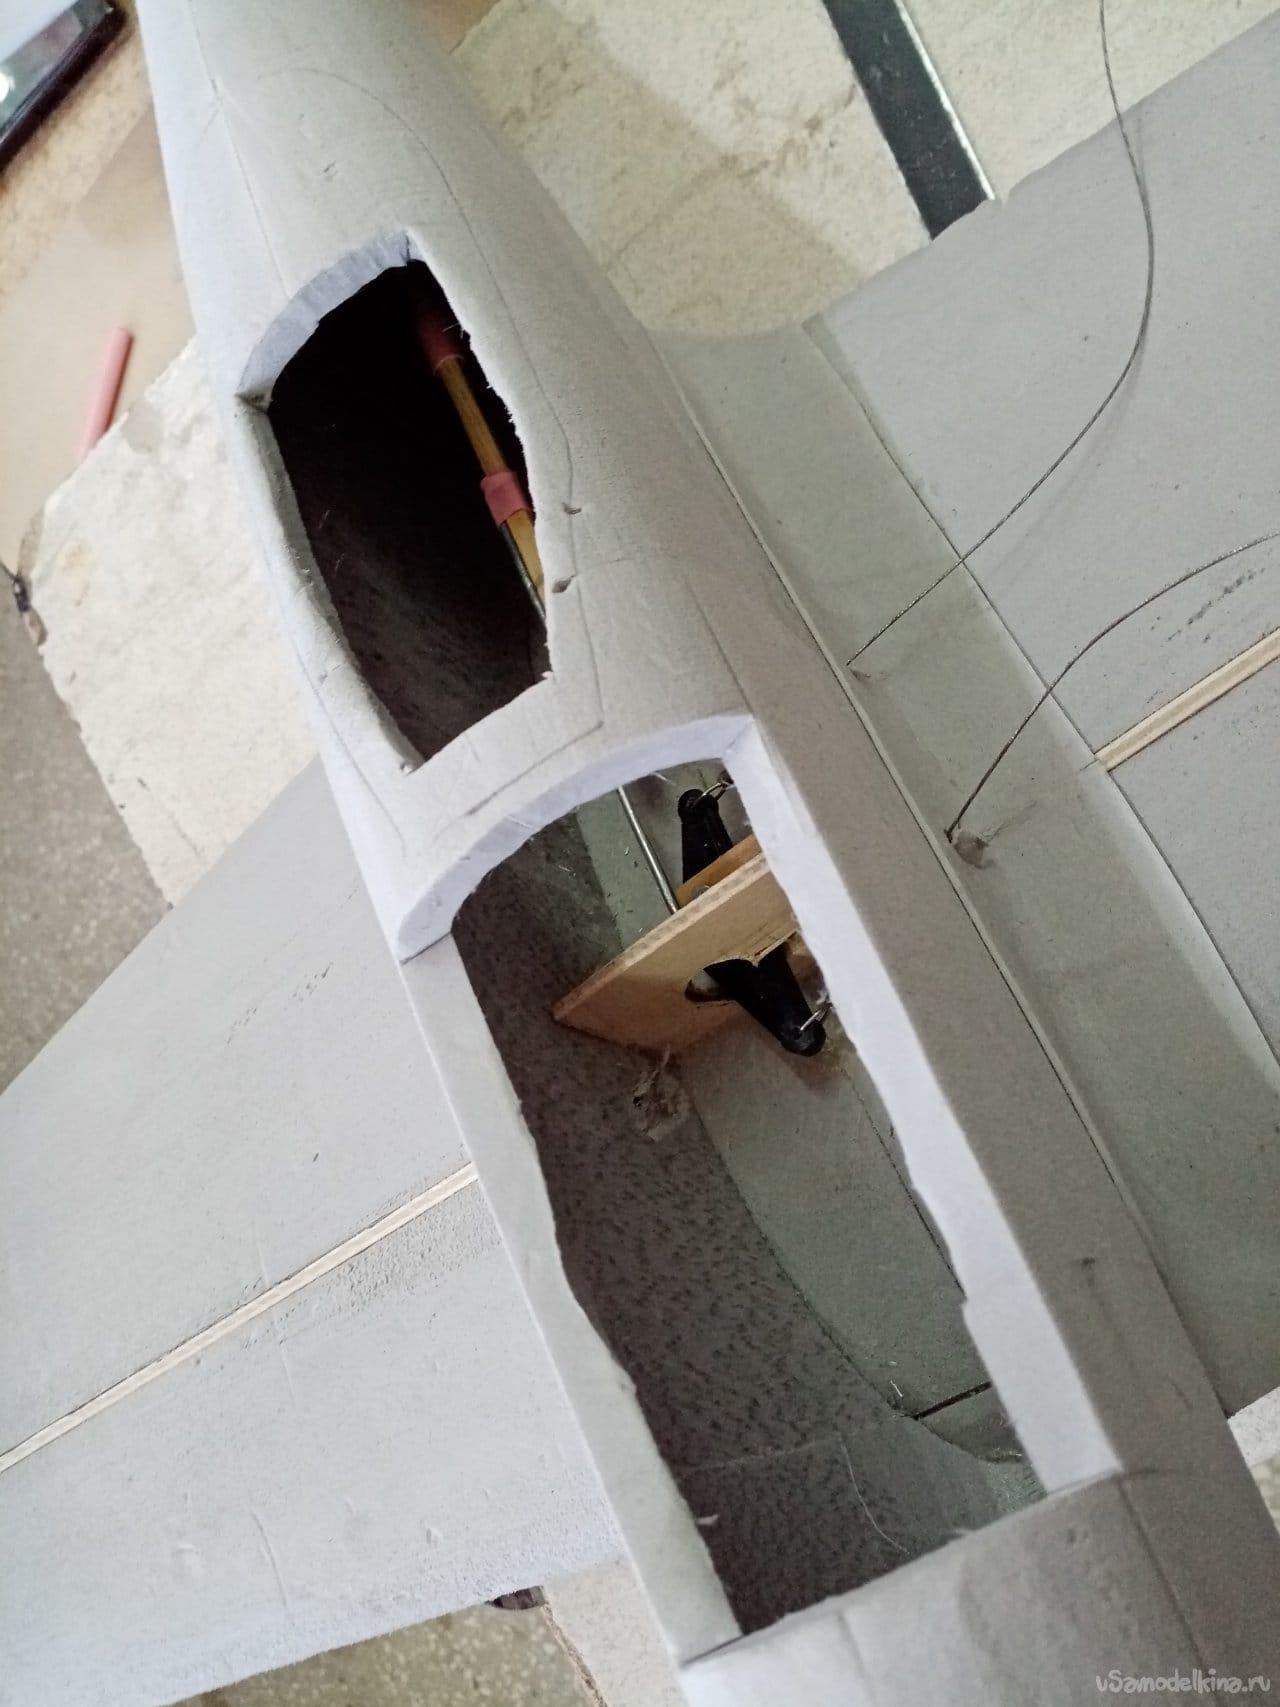 Кордовая модель самолета ЯК-3 Героя Советского Союза Марселя Лефевра